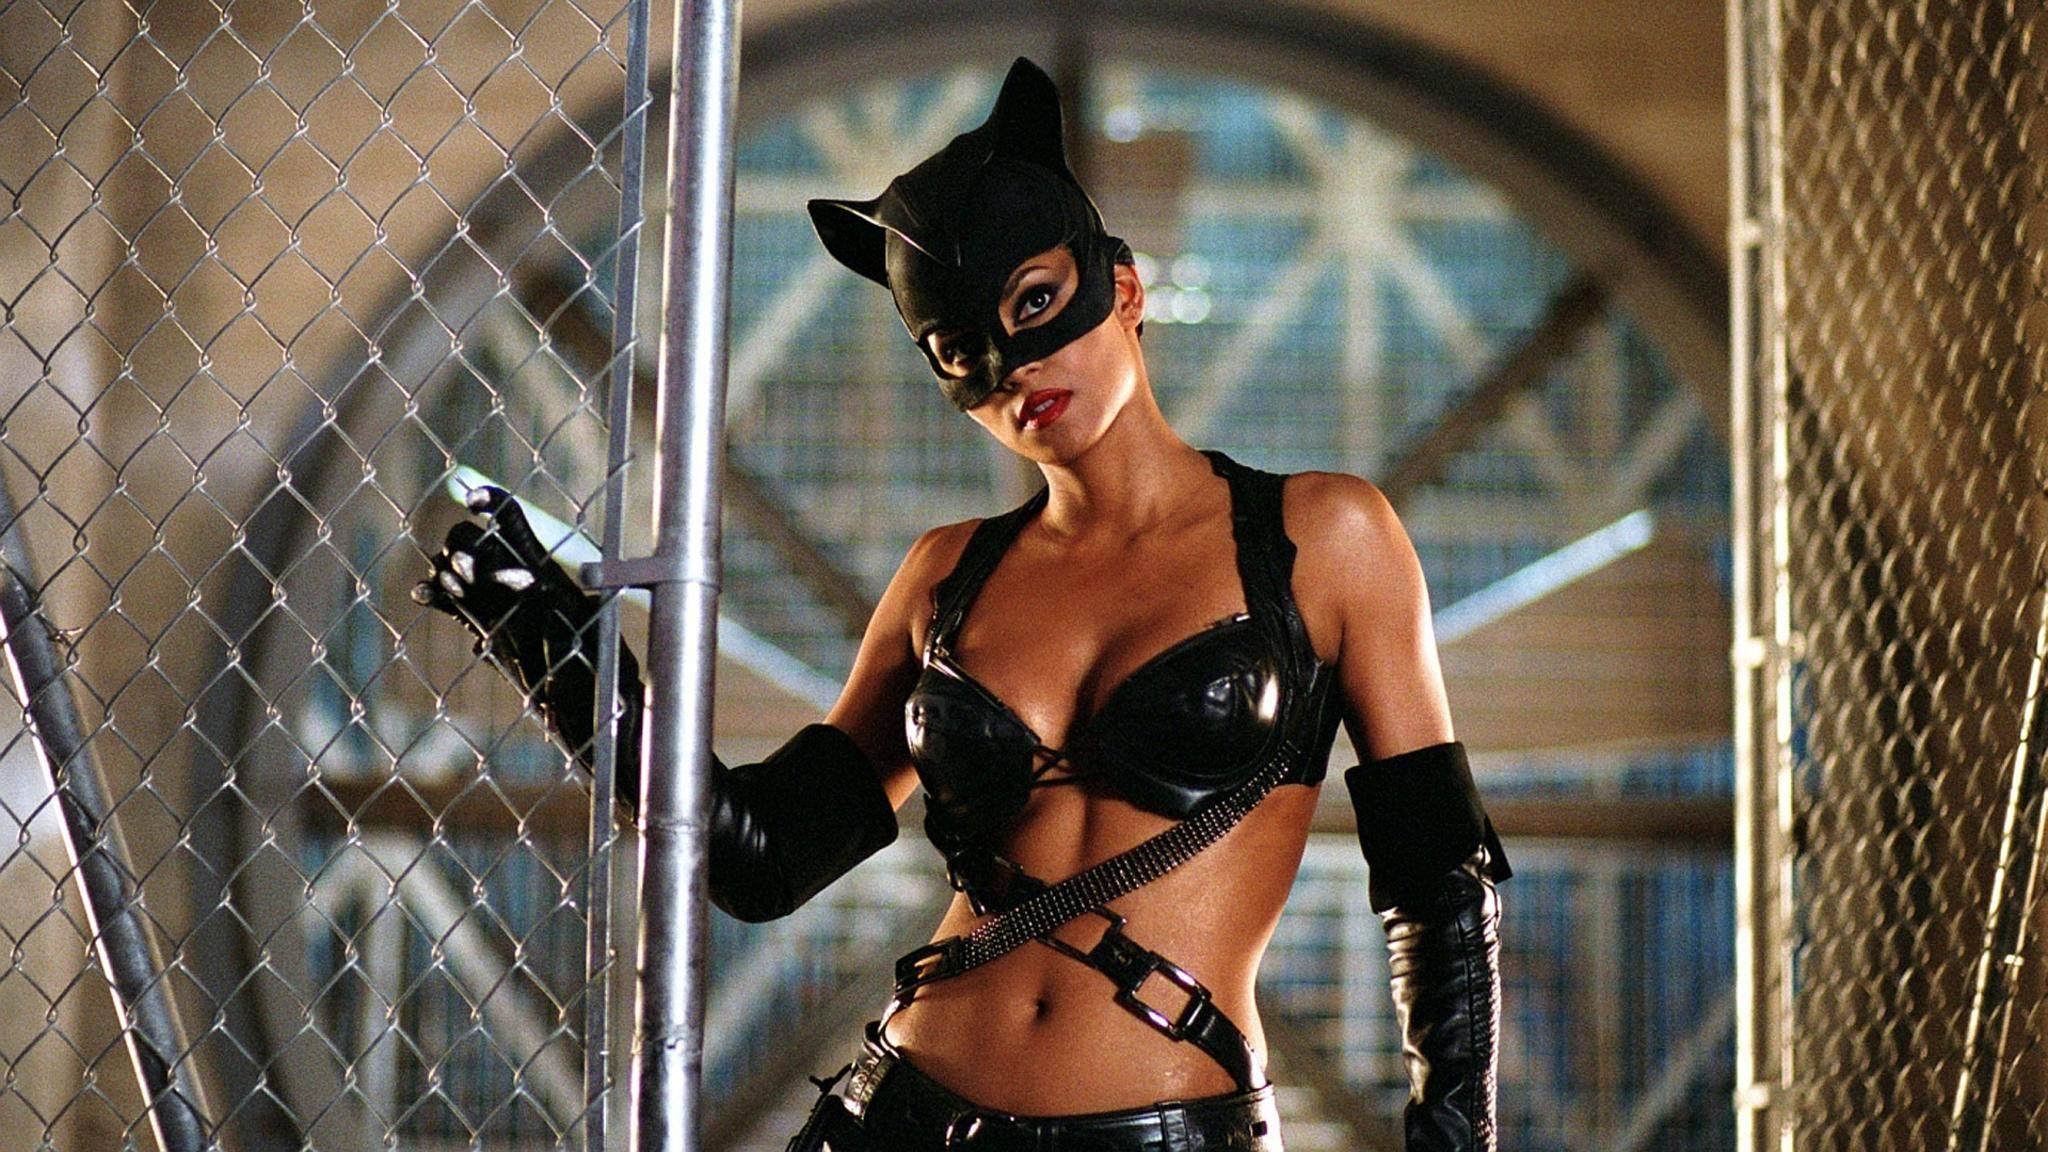 """Hello Kitty: Ncht nur der Film """"Catwoman"""" war schräg, auch über das Kostüm von Halle Berry wunderten sich viele."""